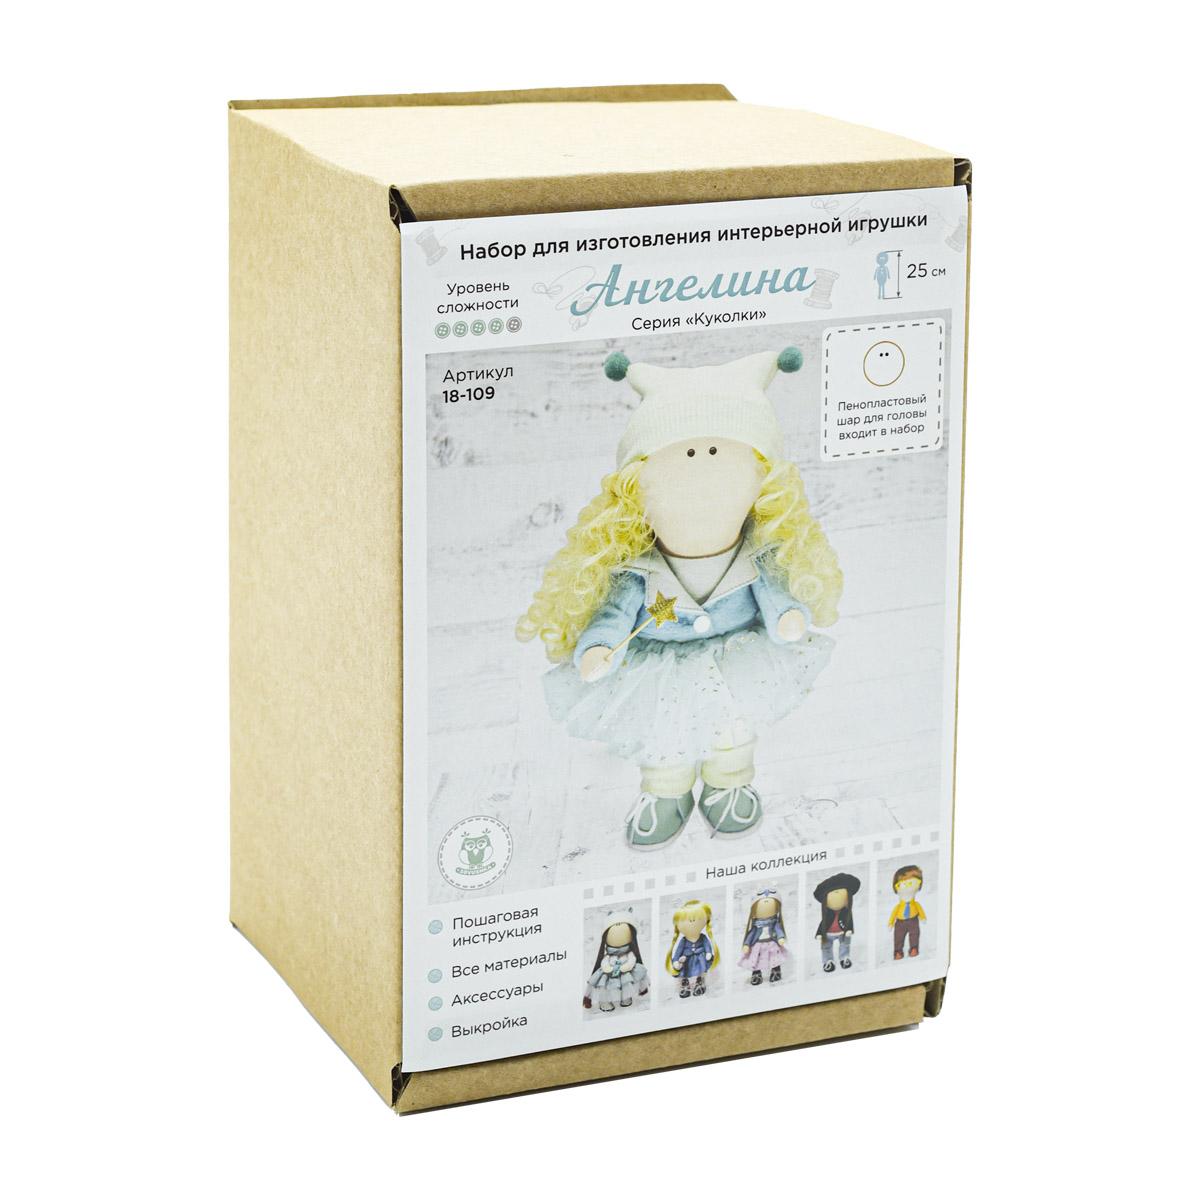 18-109 Набор для изготовления интерьерной игрушки 'Ангелина' , 25см